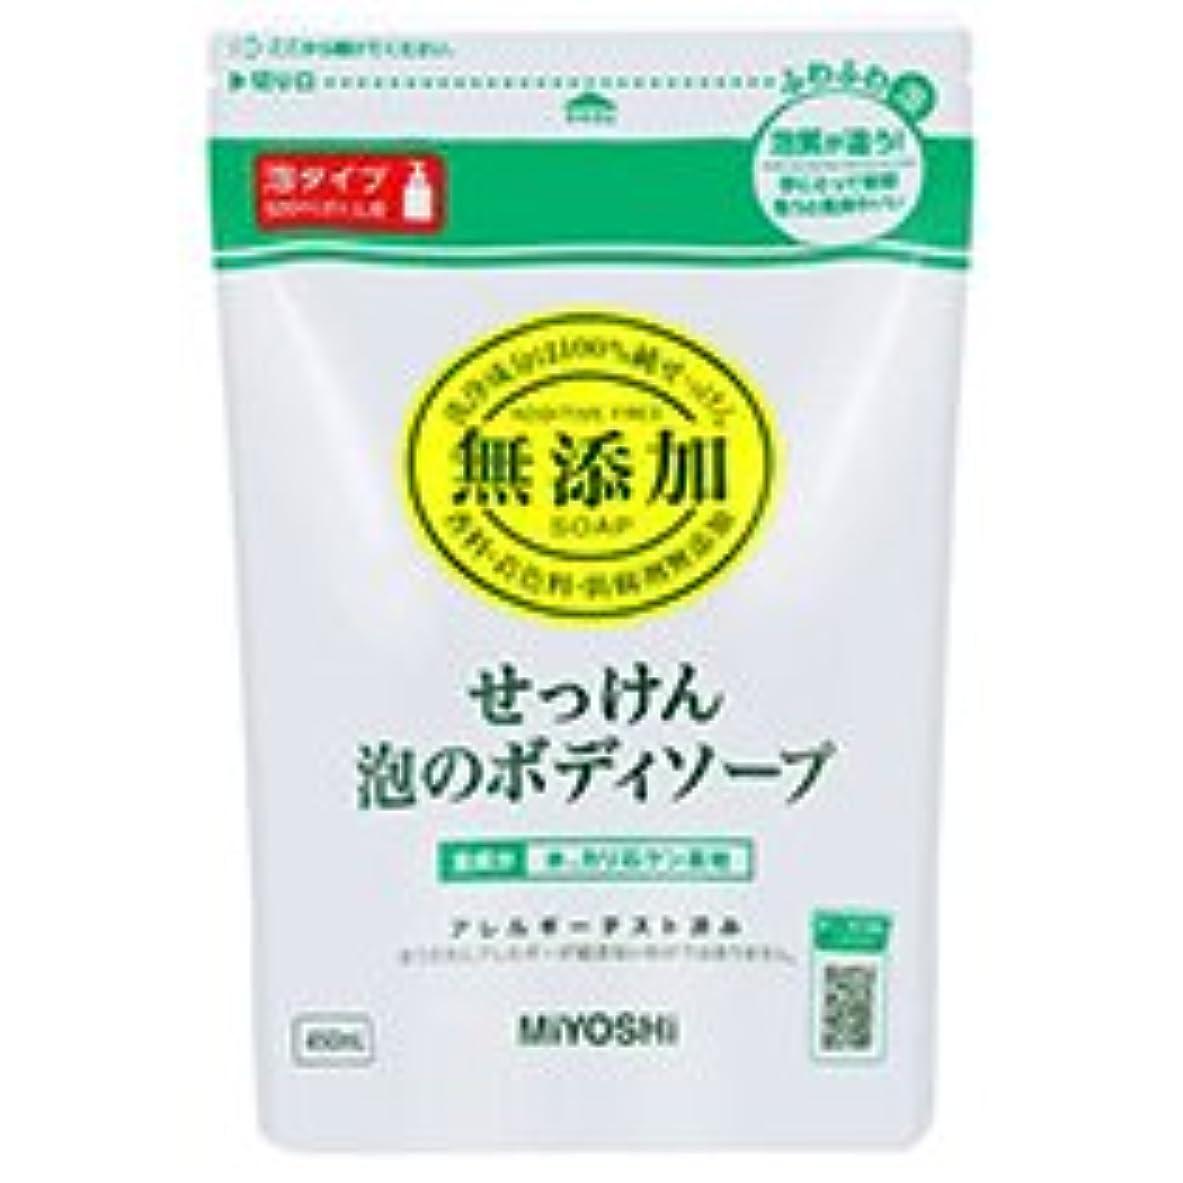 残酷なはちみつ養うミヨシ石鹸 無添加せっけん 泡のボディソープ 詰替用 450ml 1個